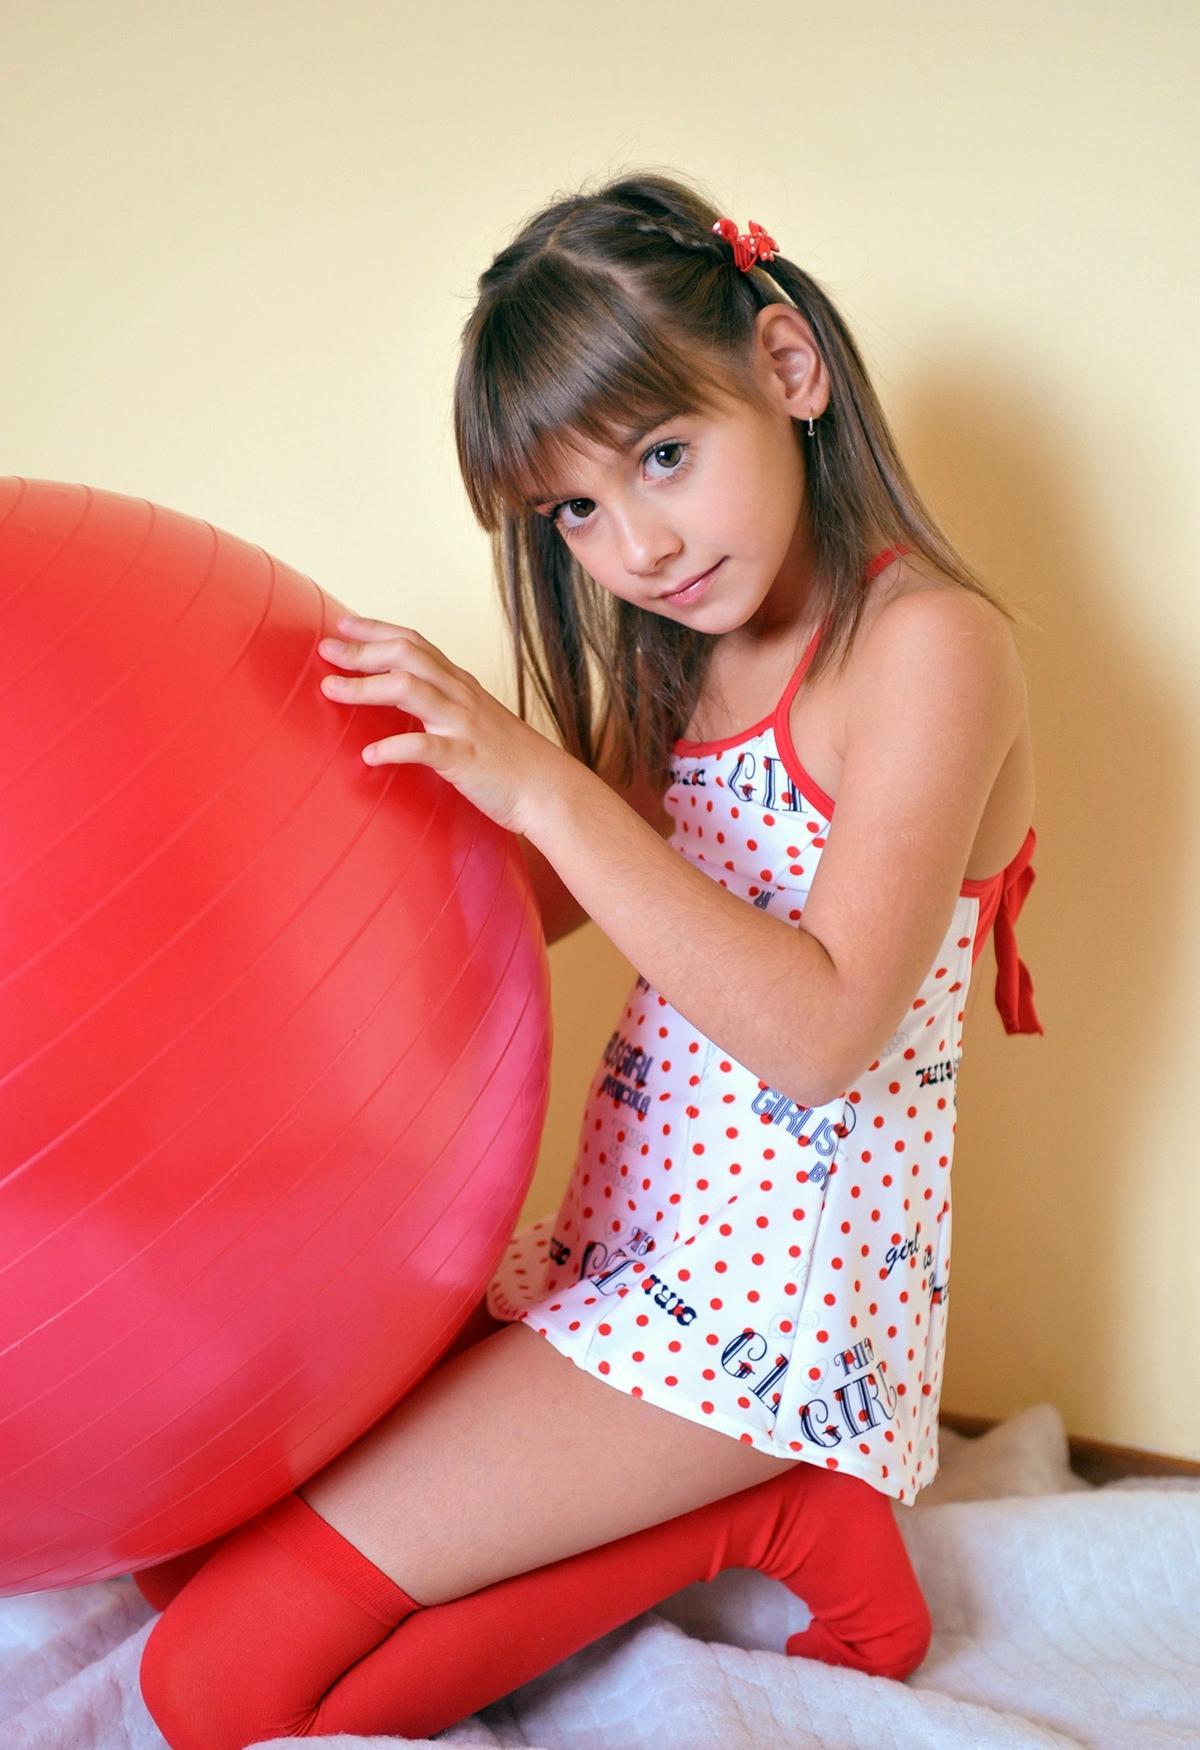 【科学】最新の「小児性愛者発見器」は児童の全裸姿を眺めさせて男性器の平常時と興奮時の血流変化をチェック★2 [無断転載禁止]©2ch.netYouTube動画>1本 ->画像>127枚